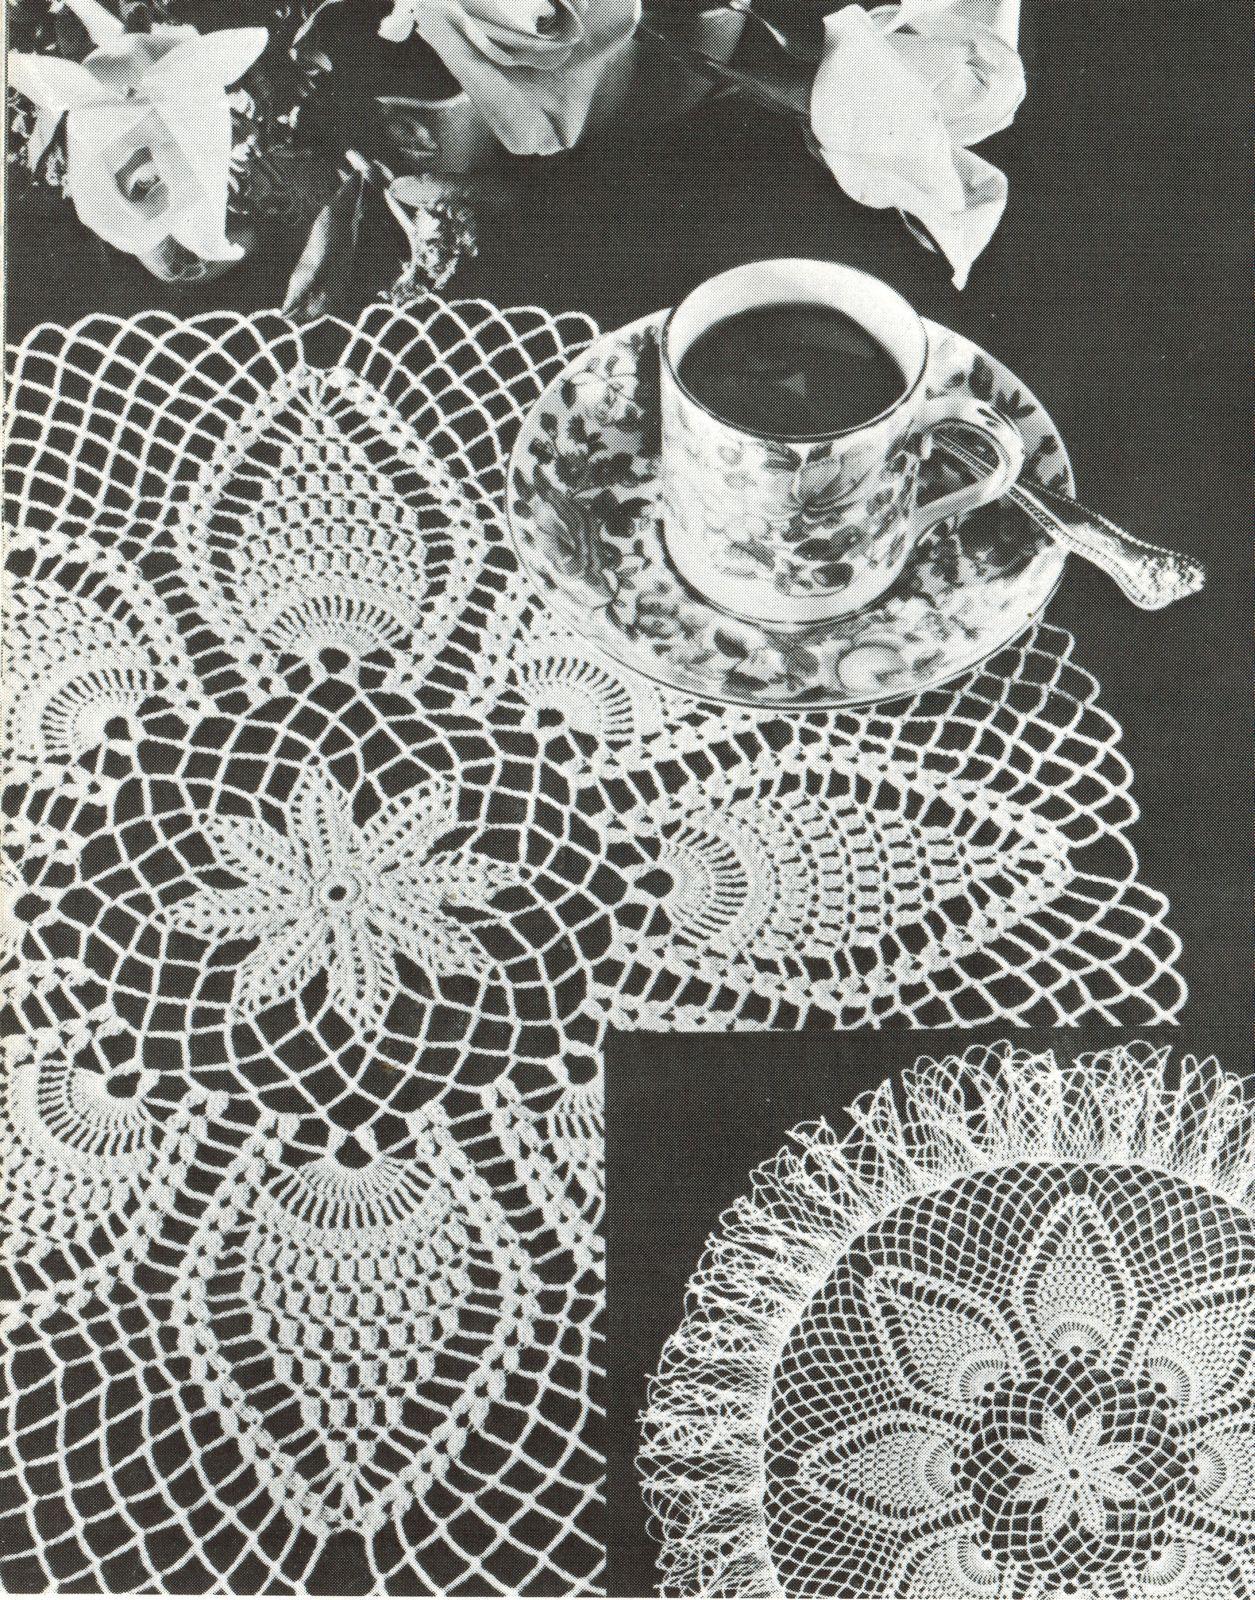 Pineapple Doilies Tablecloth Runner Luncheon Buffet Armchair Crochet Patterns  image 11